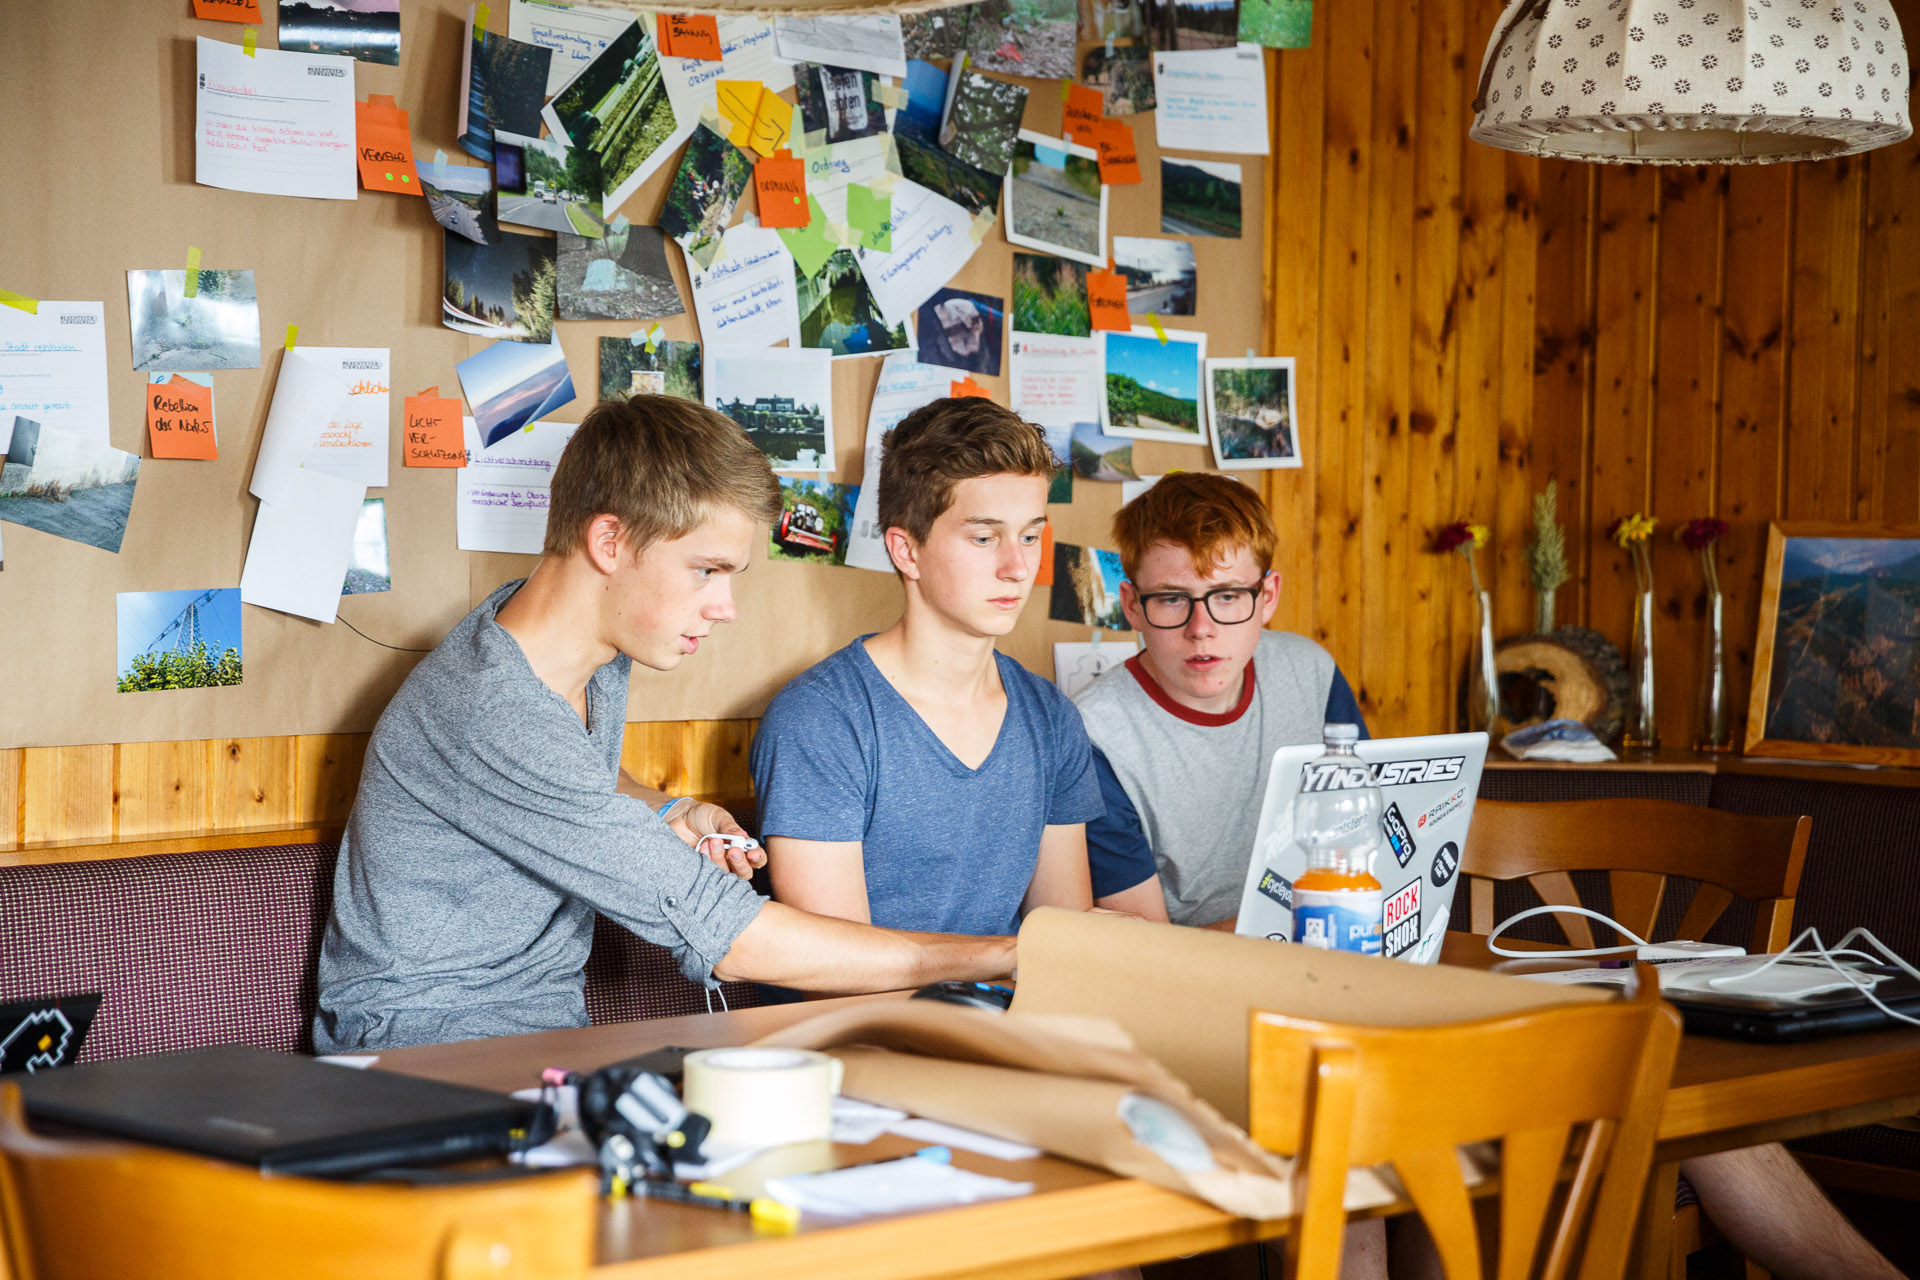 Filmemacher Janis gibt Felix und Jan Input zu ihrem Video.